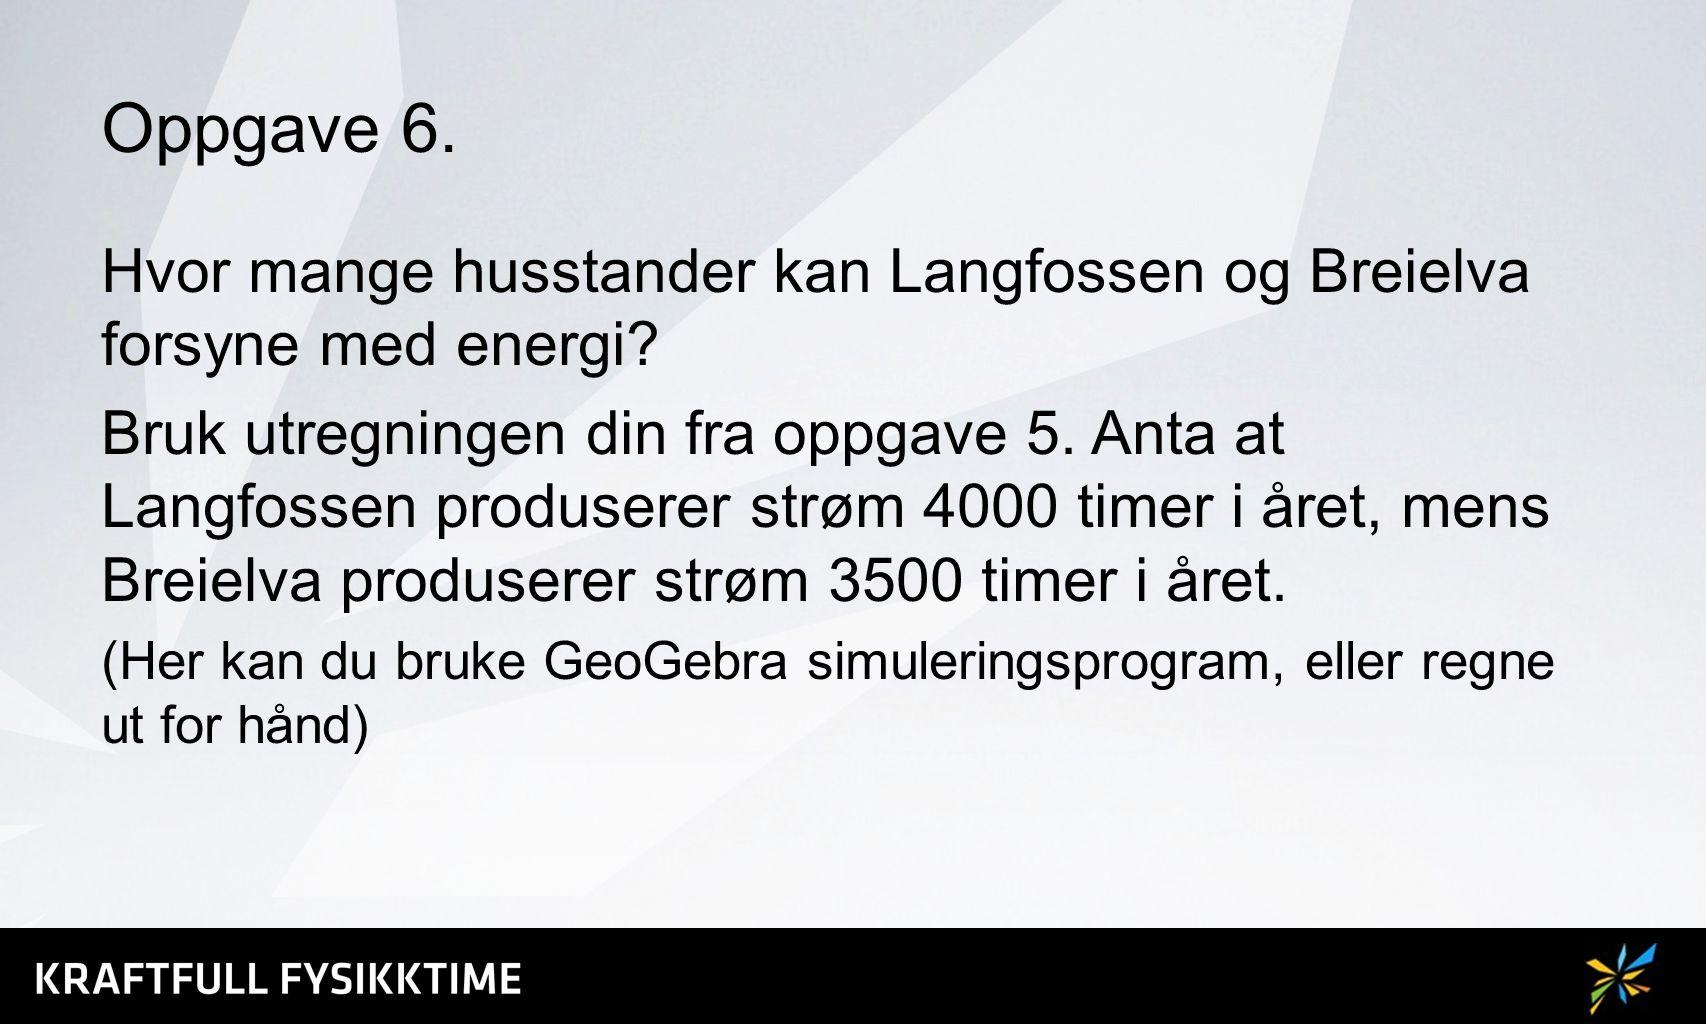 Oppgave 6. Hvor mange husstander kan Langfossen og Breielva forsyne med energi